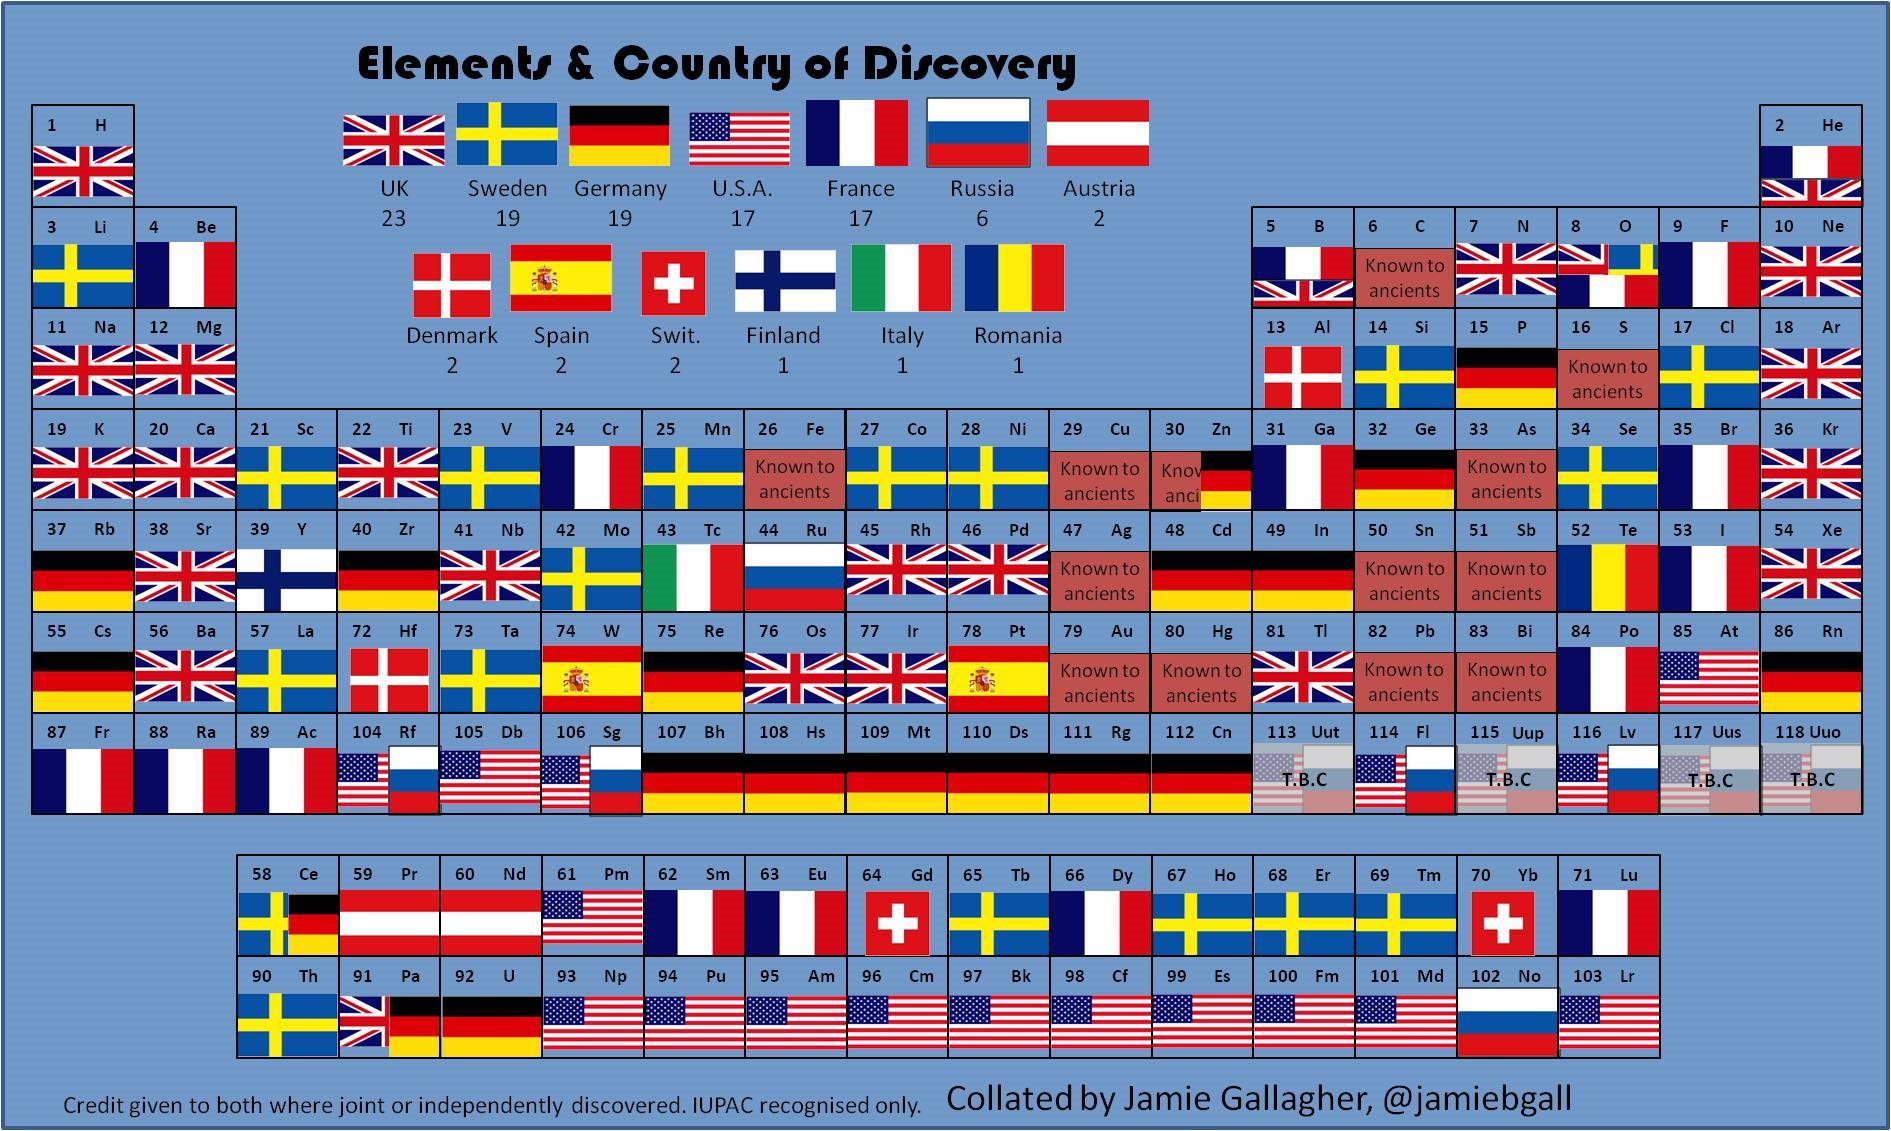 Etimologa y geografa de la tabla peridica una propuesta fronterad tabla peridica de los elementos nacionalidades urtaz Image collections